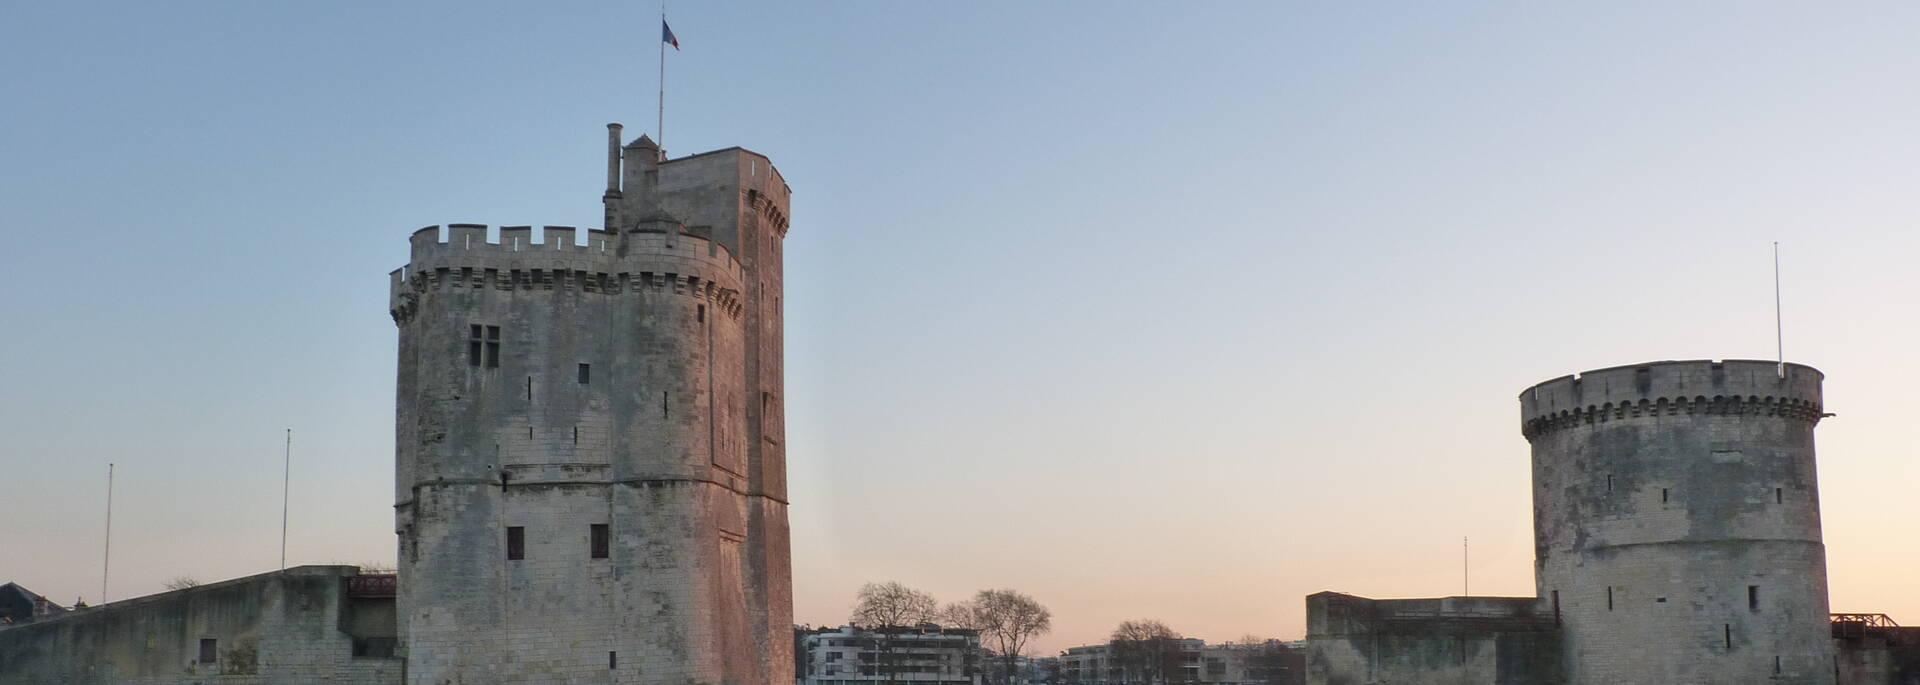 Torens van La Rochelle - © FDHPA 17